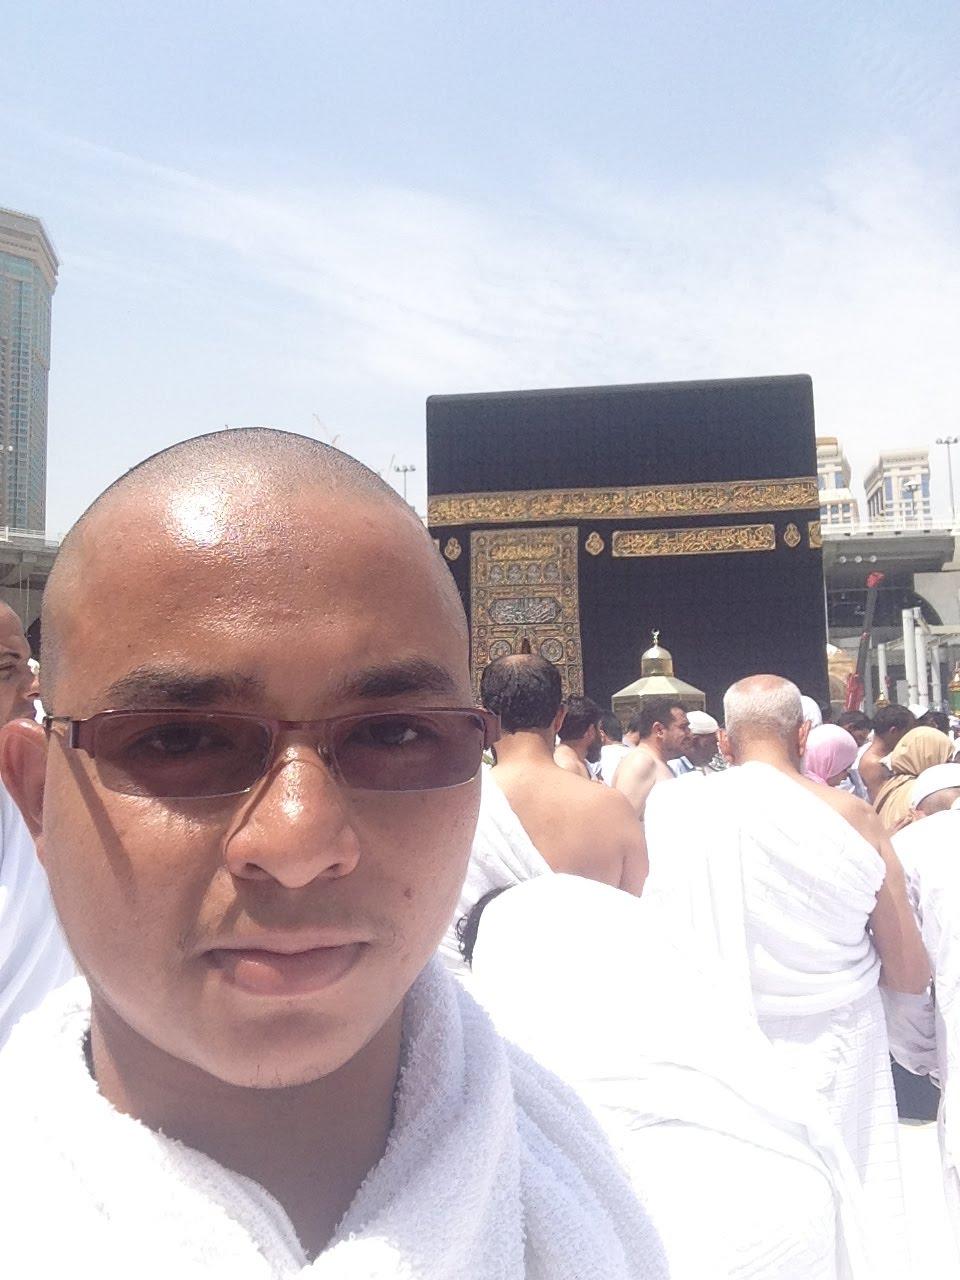 MAKKAH AL-MUKARRAMAH, ARAB SAUDI